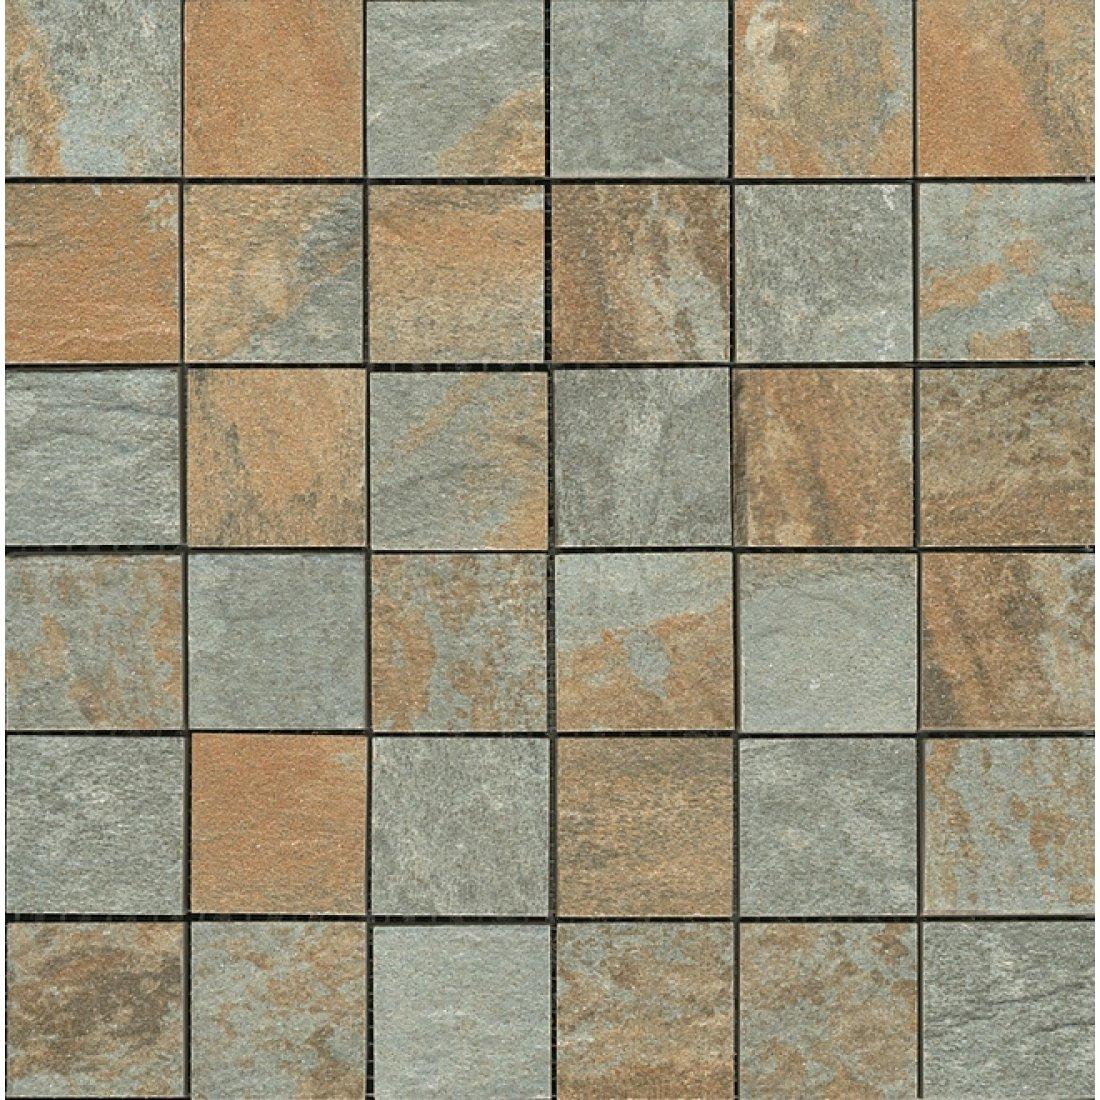 Сланец декор мозаичный(гранит) 30*30 керамический KERAMA MARAZZI, артикул SG173-001